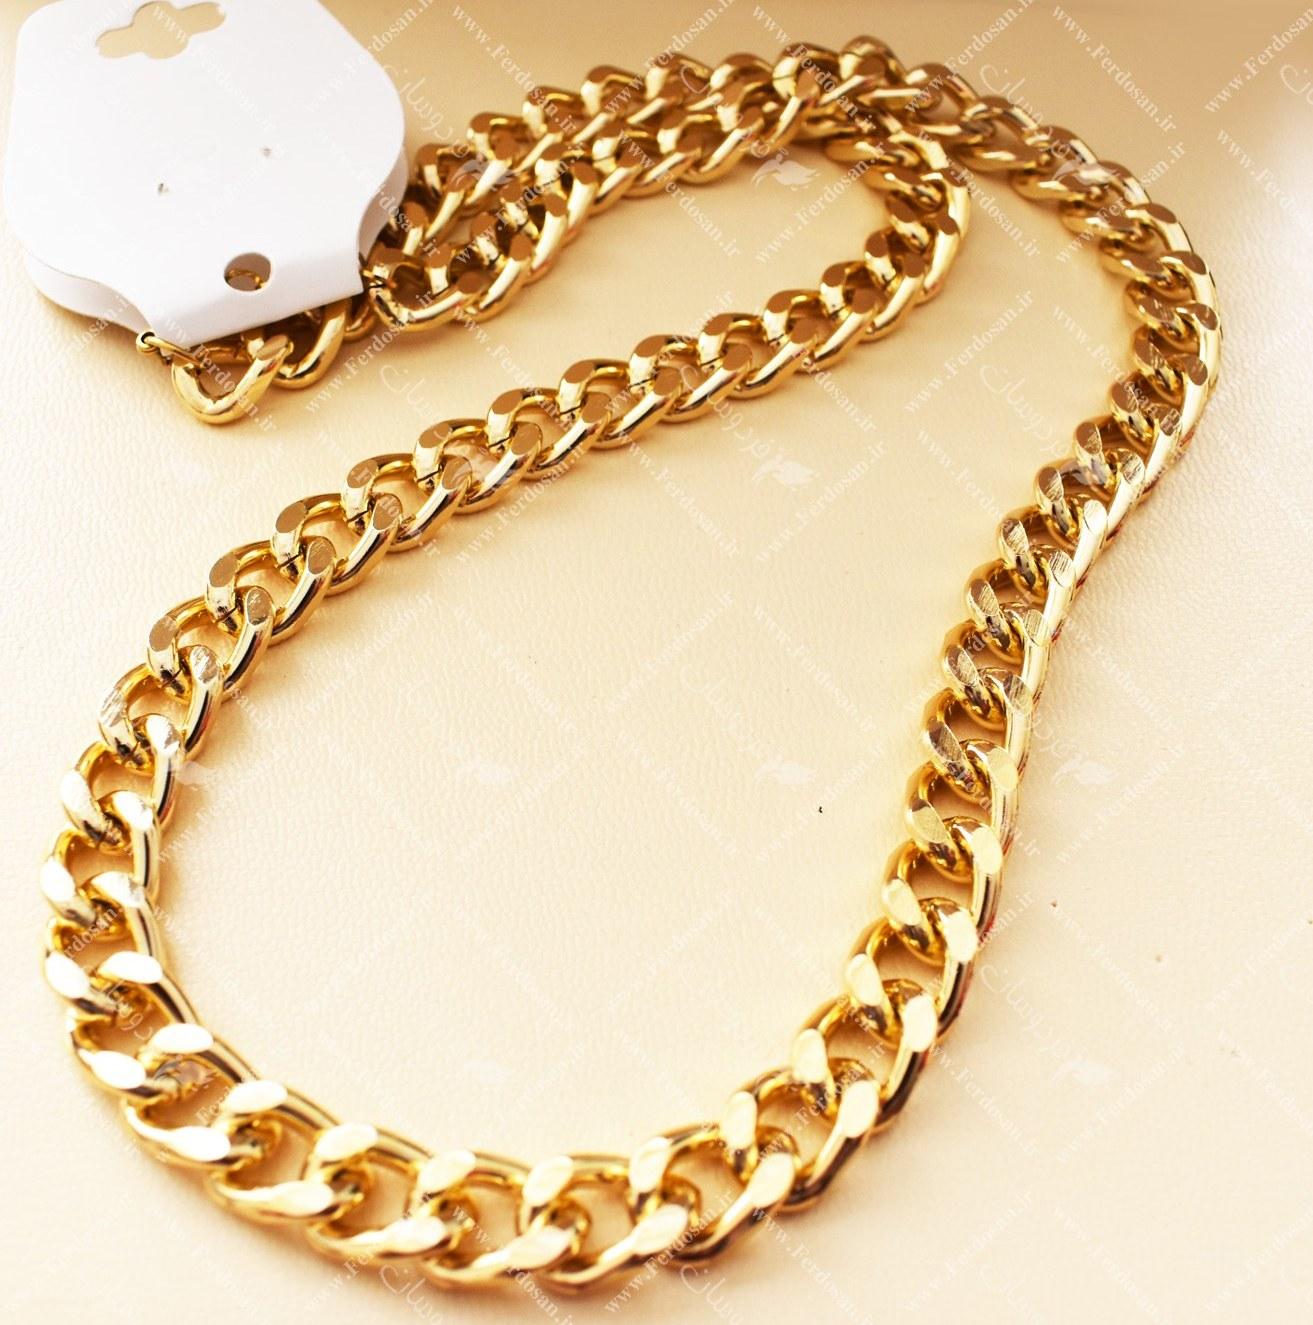 تصویر گردنبند آلمینیوم زنجیری طرح طلا 01